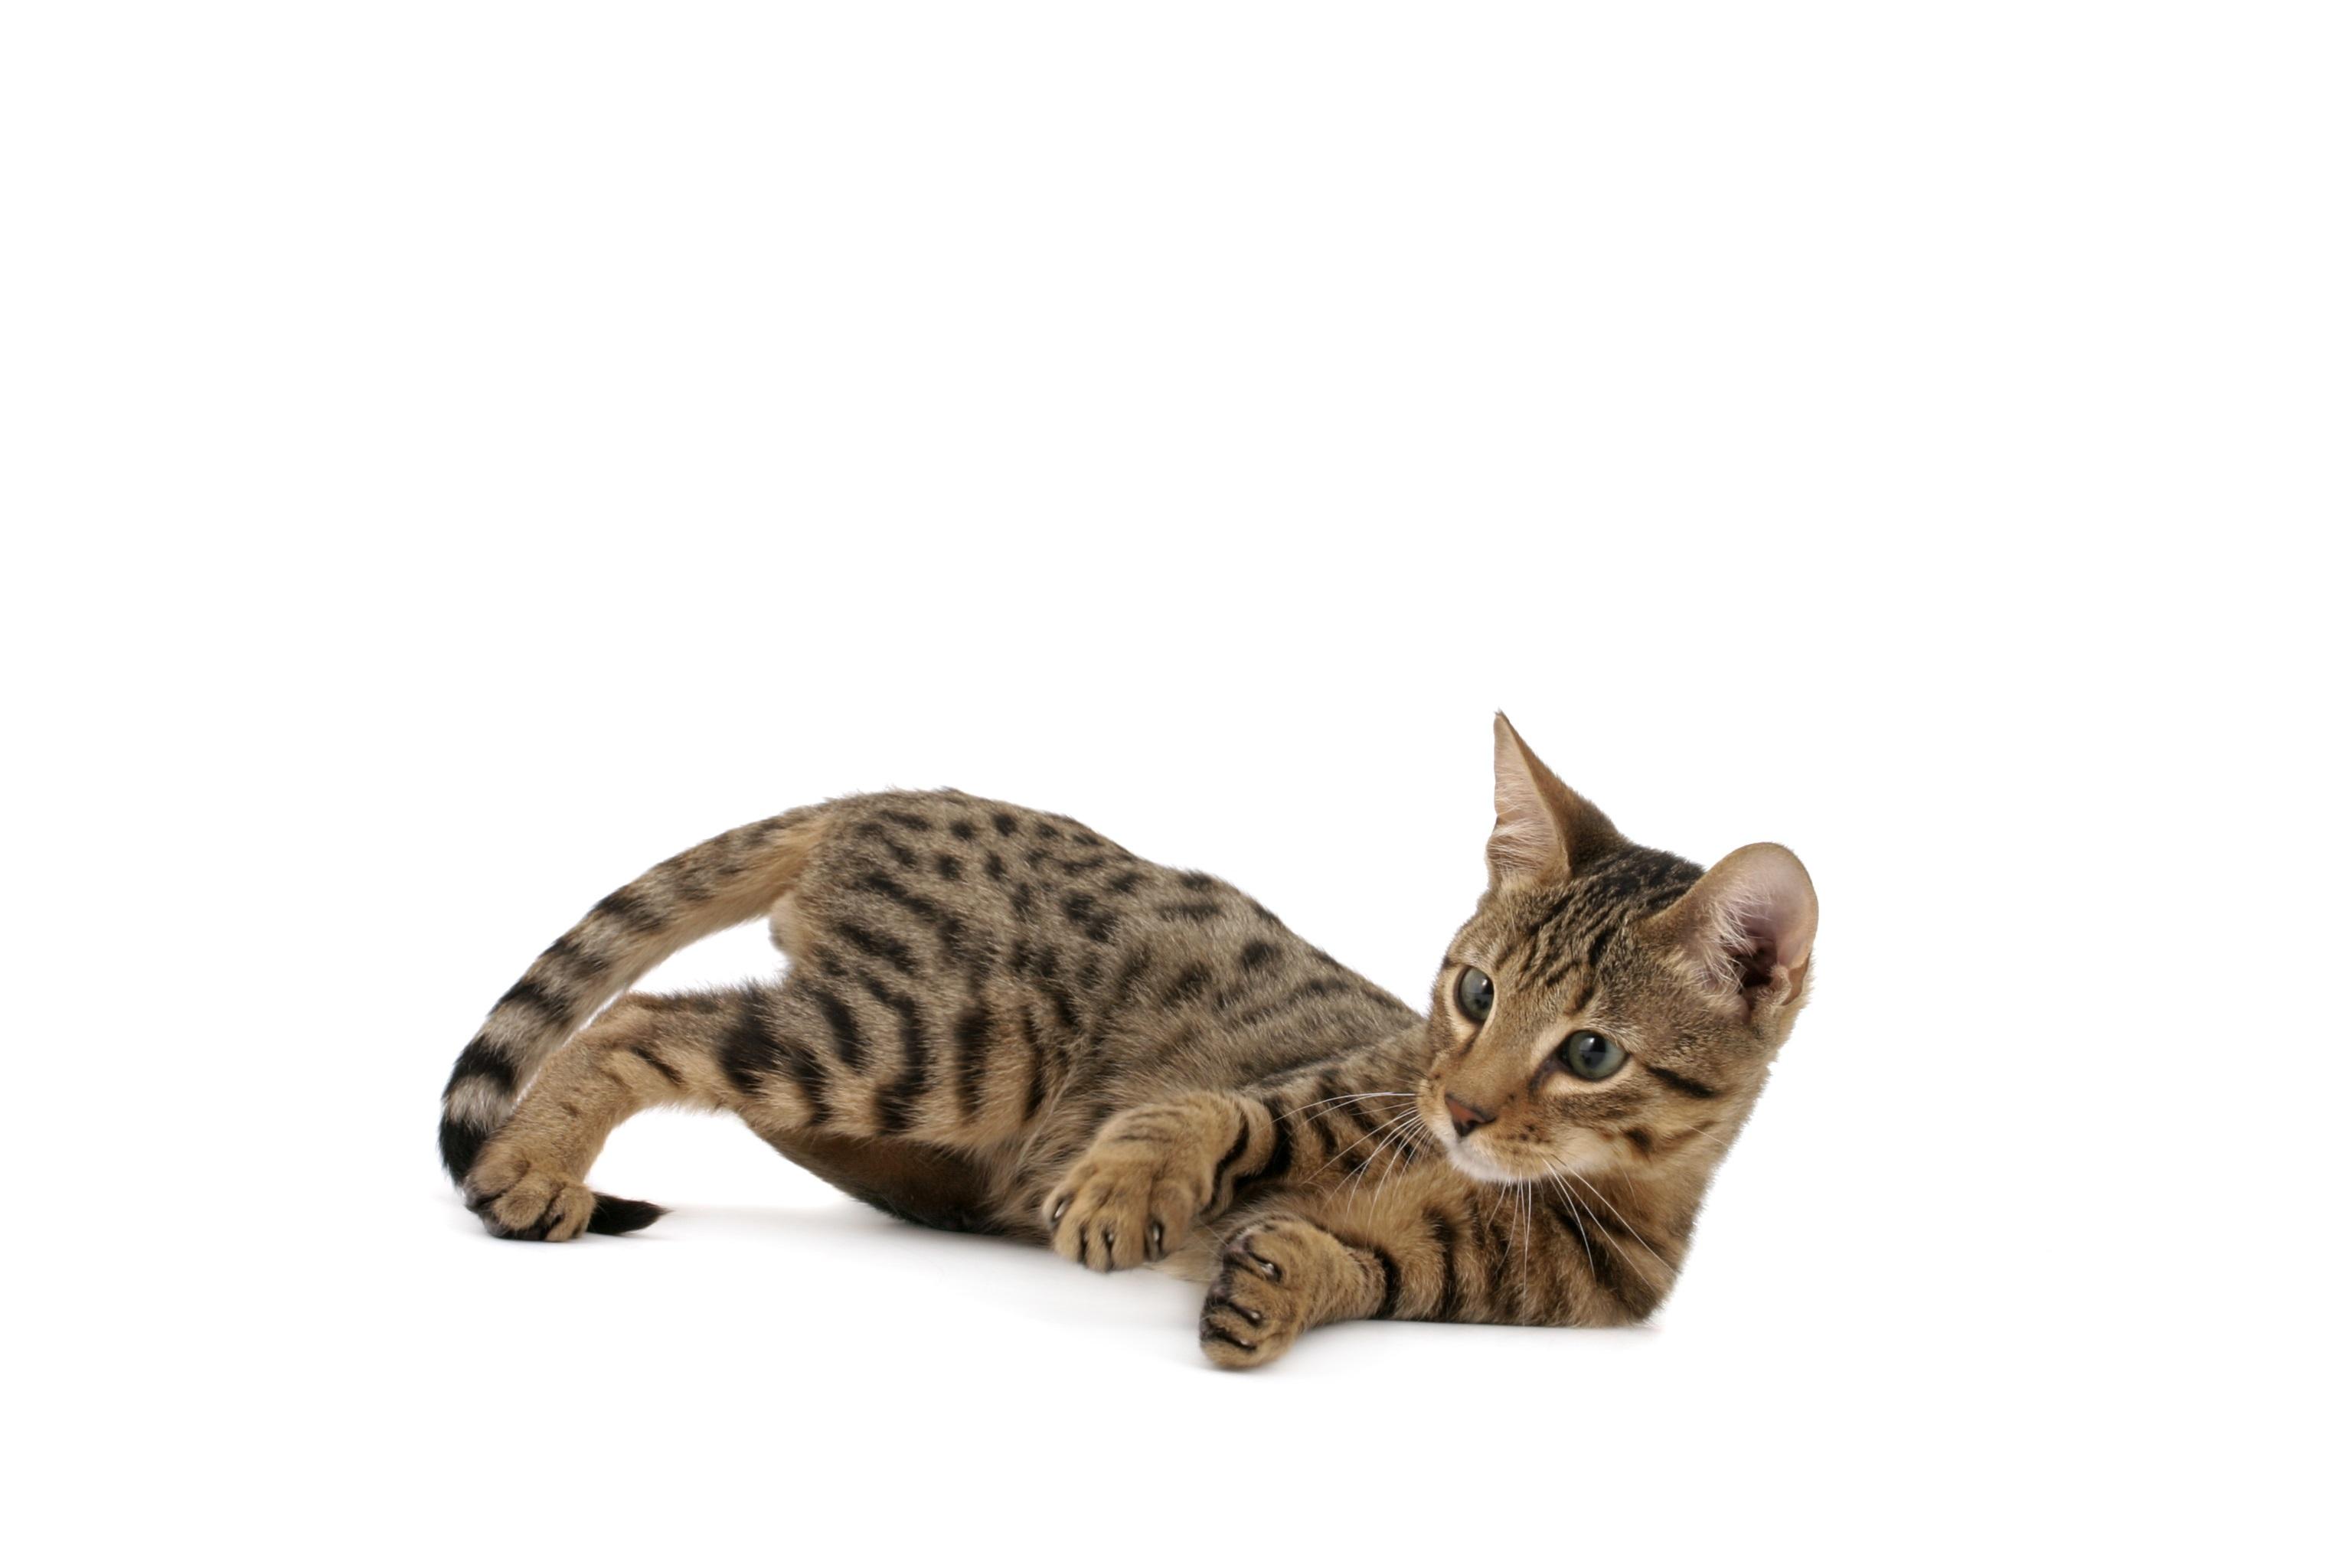 Fotos de la raza mixta de gatos Serengeti